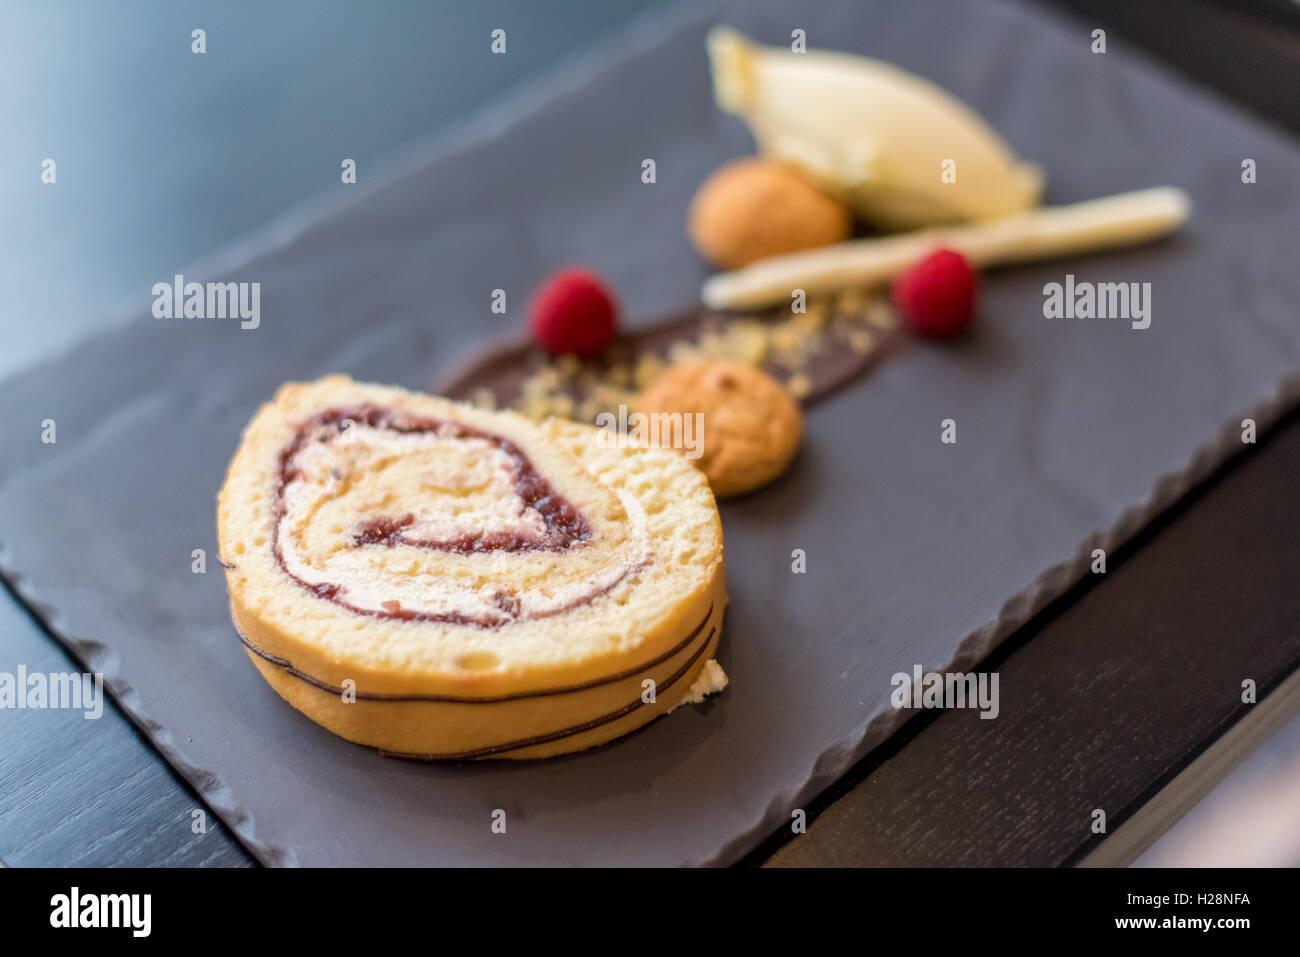 Eine Biskuitrolle Schwamm Dessert mit Eis auf dem Schiefer Hintergrund Stockbild